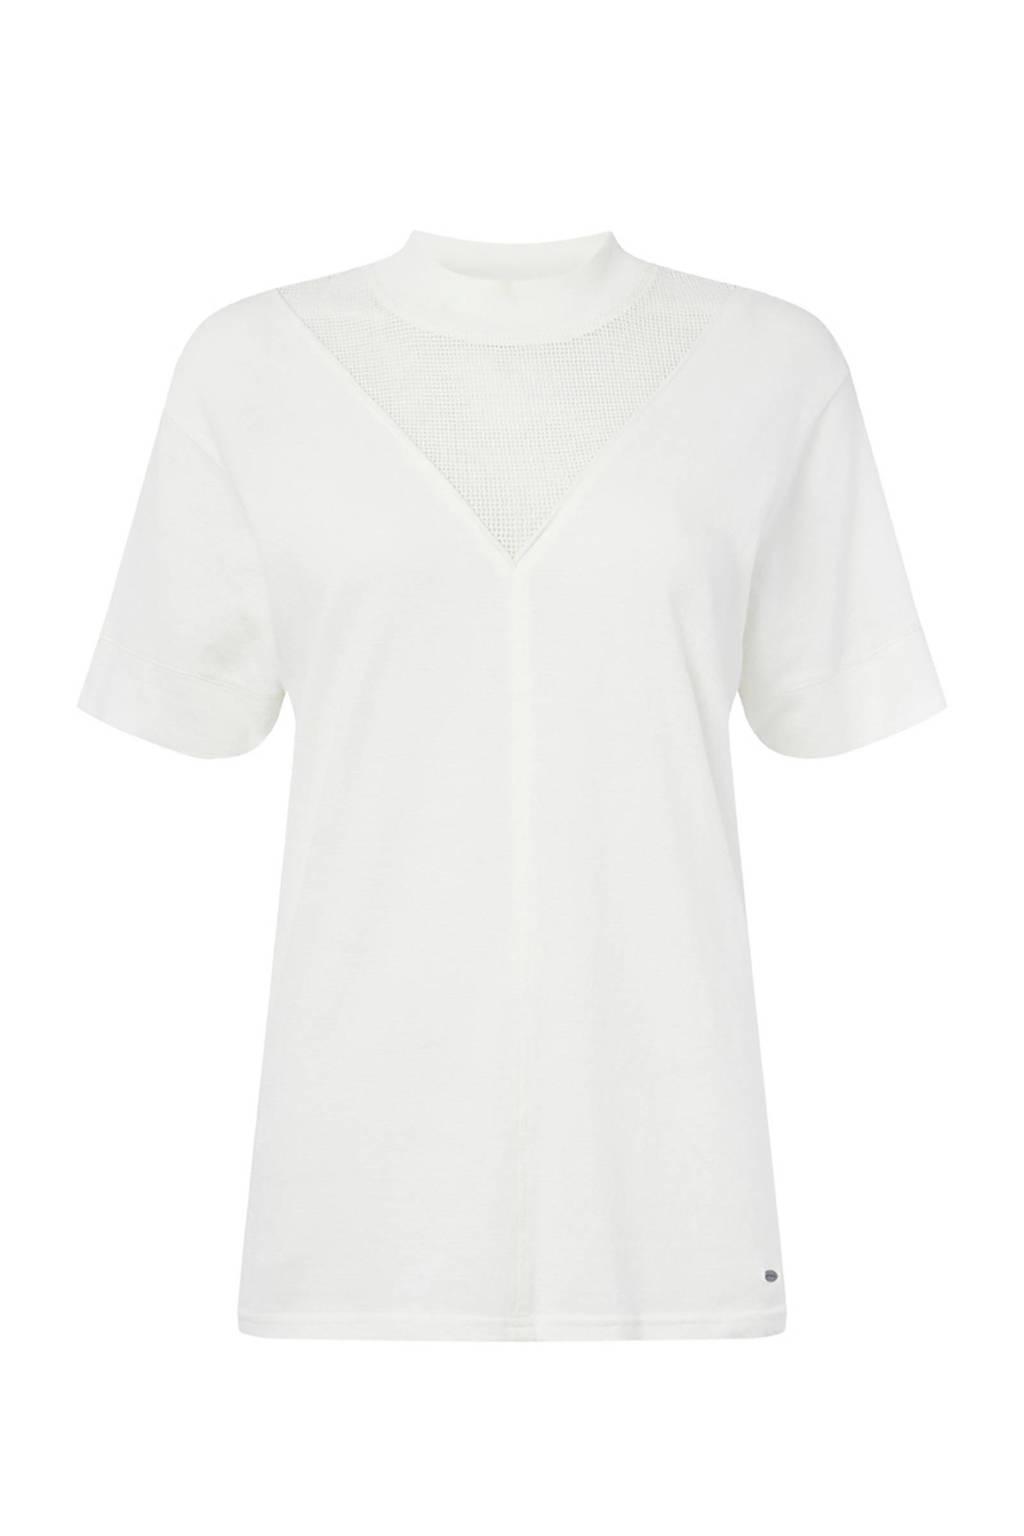 O'Neill T-shirt met mesh ecru, Ecru